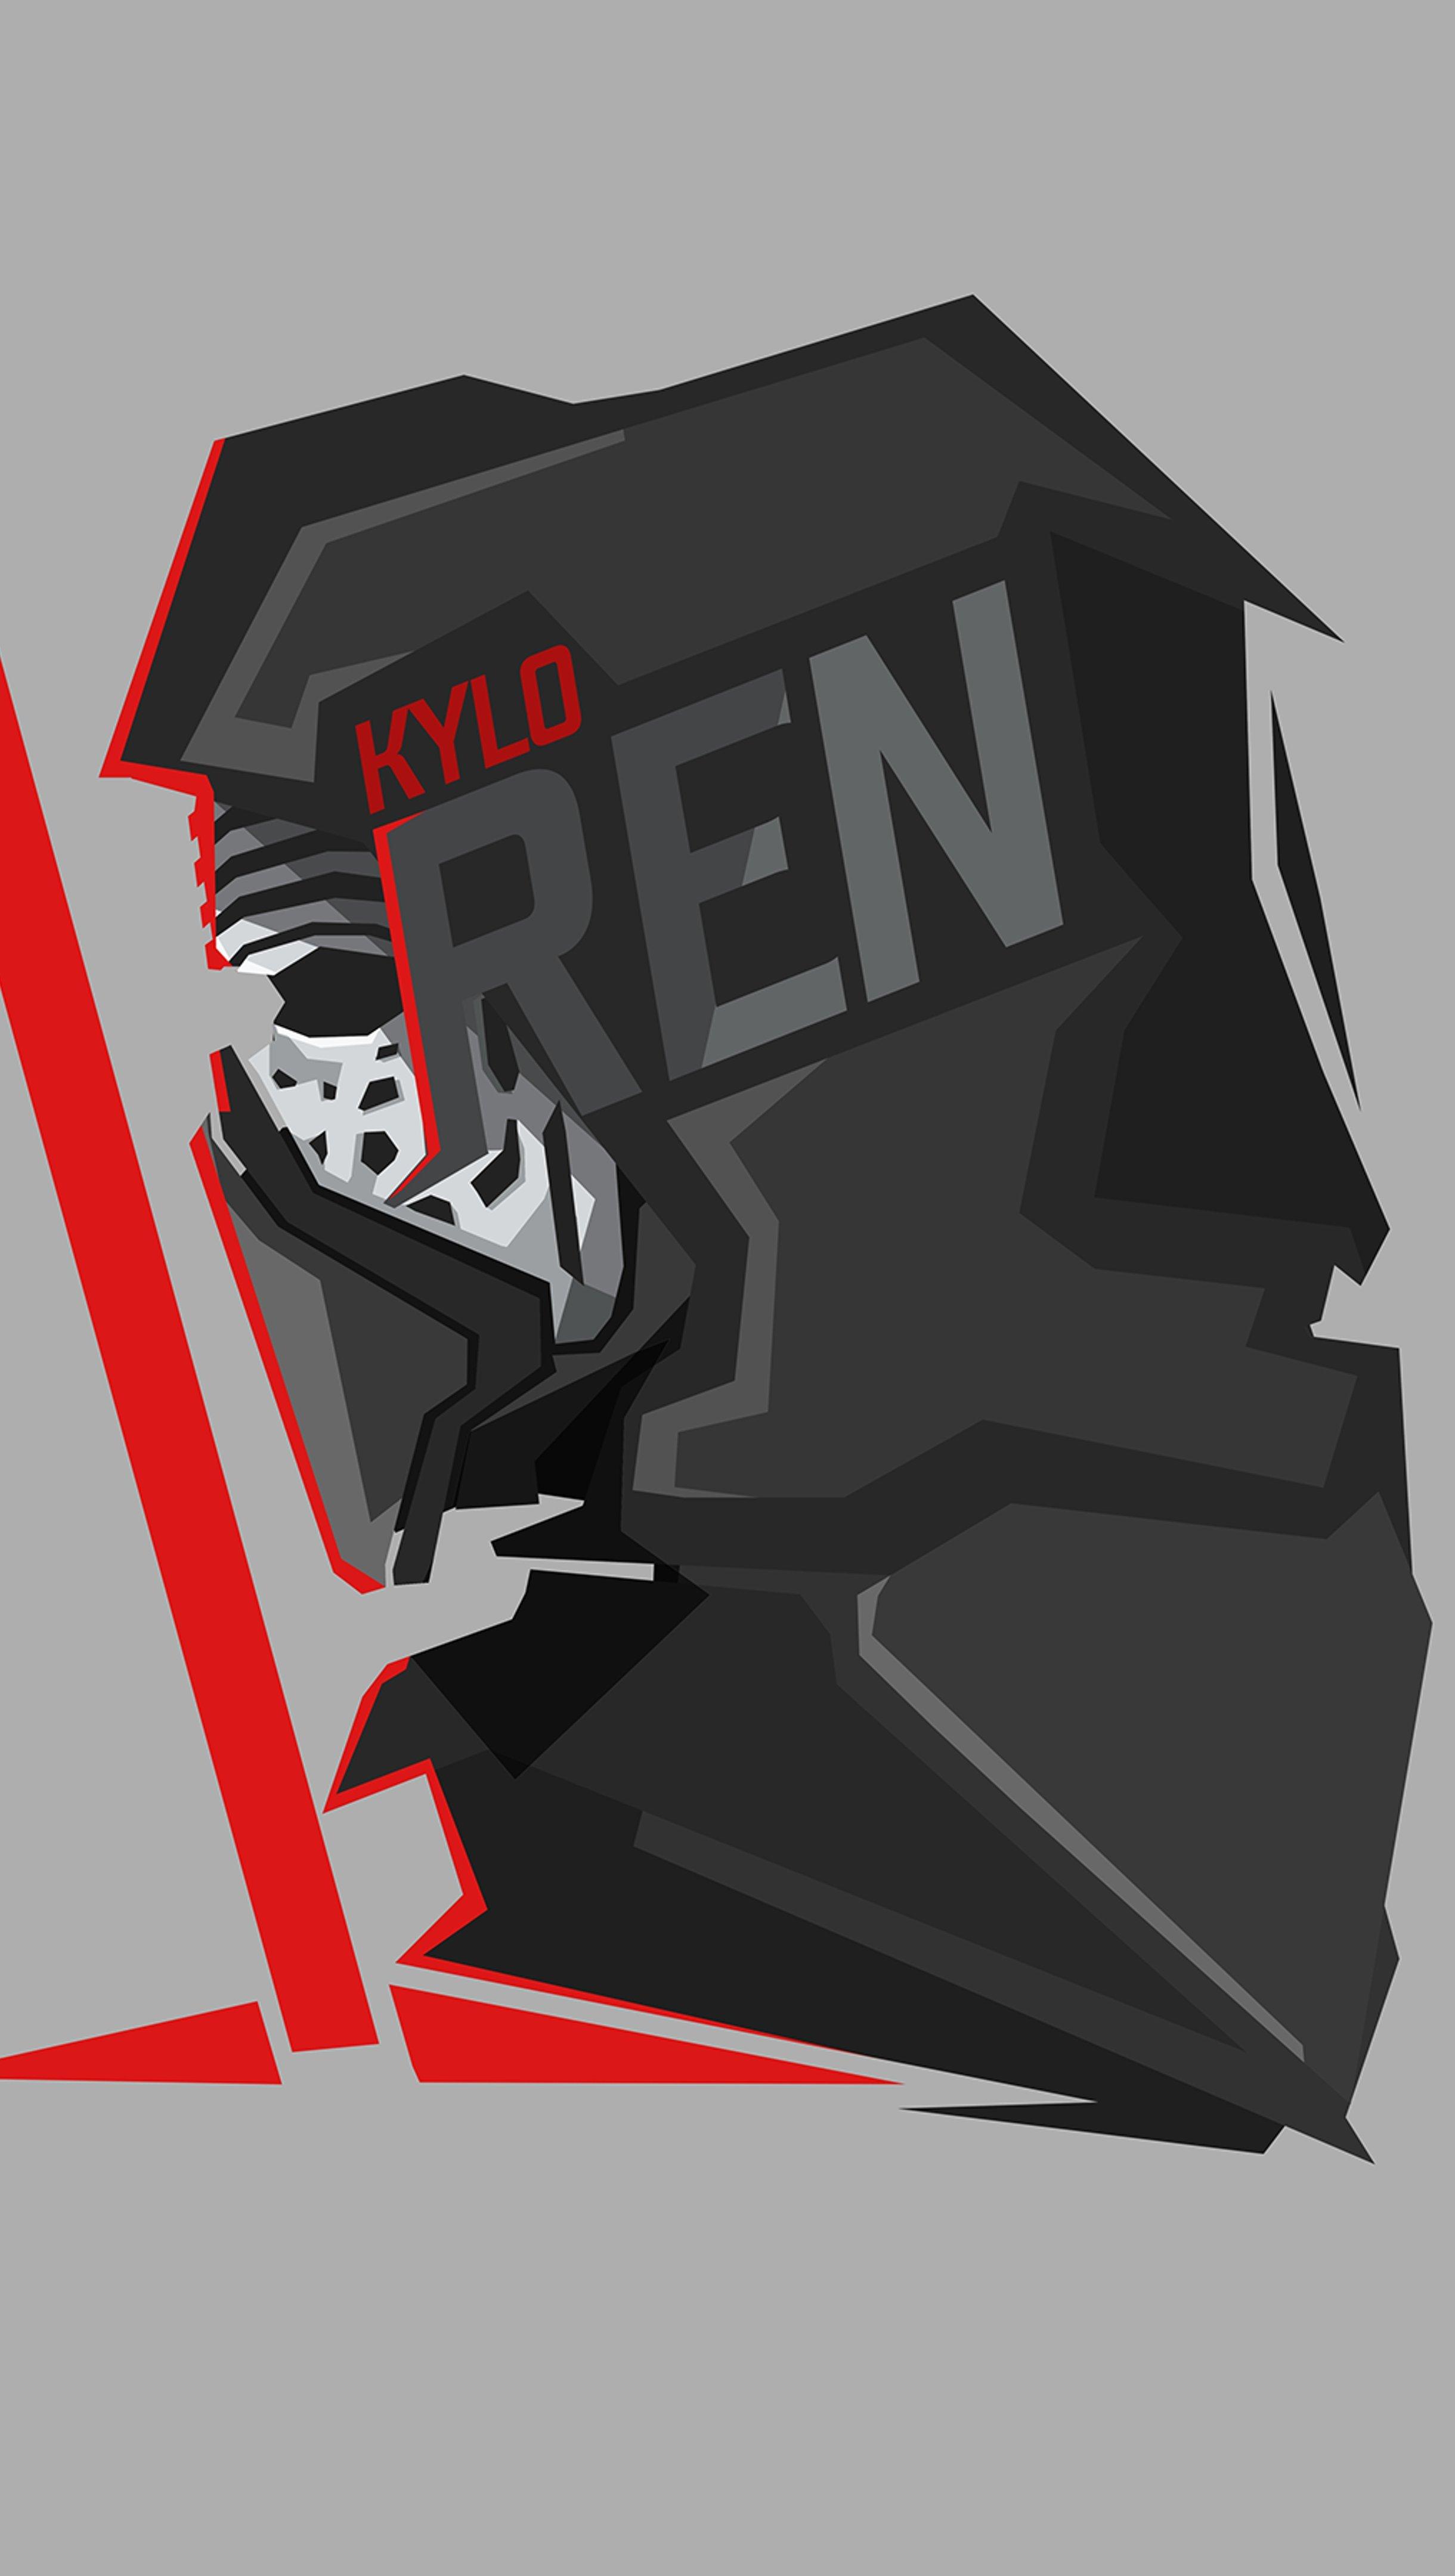 Fondos de pantalla Kylo Ren Star Wars Ilustración Vertical